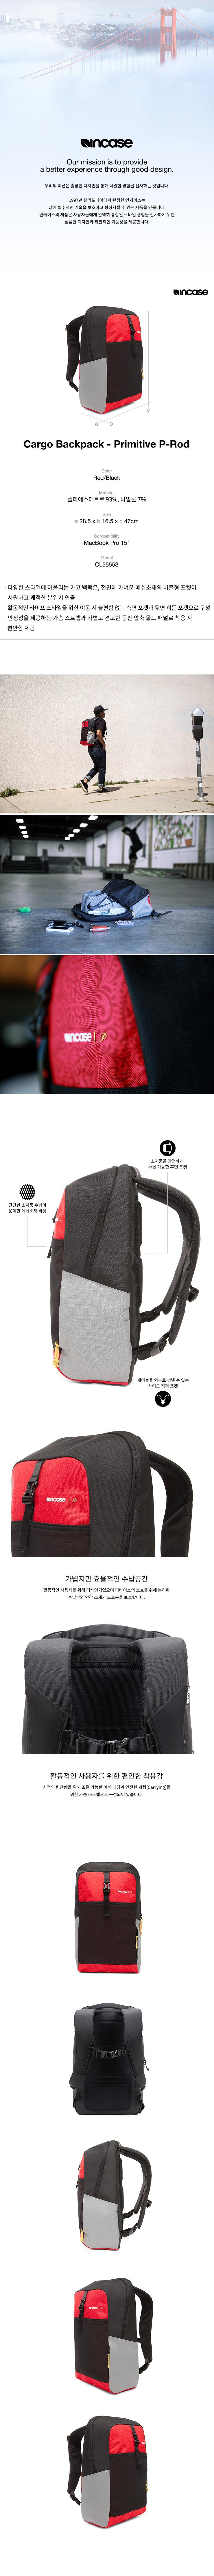 [인케이스]INCASE - Primitive P-Rod Cargo Backpack CL55553 (Red/Black) 인케이스백팩 정품 백팩 가방 노트북가방 노트북백팩 1